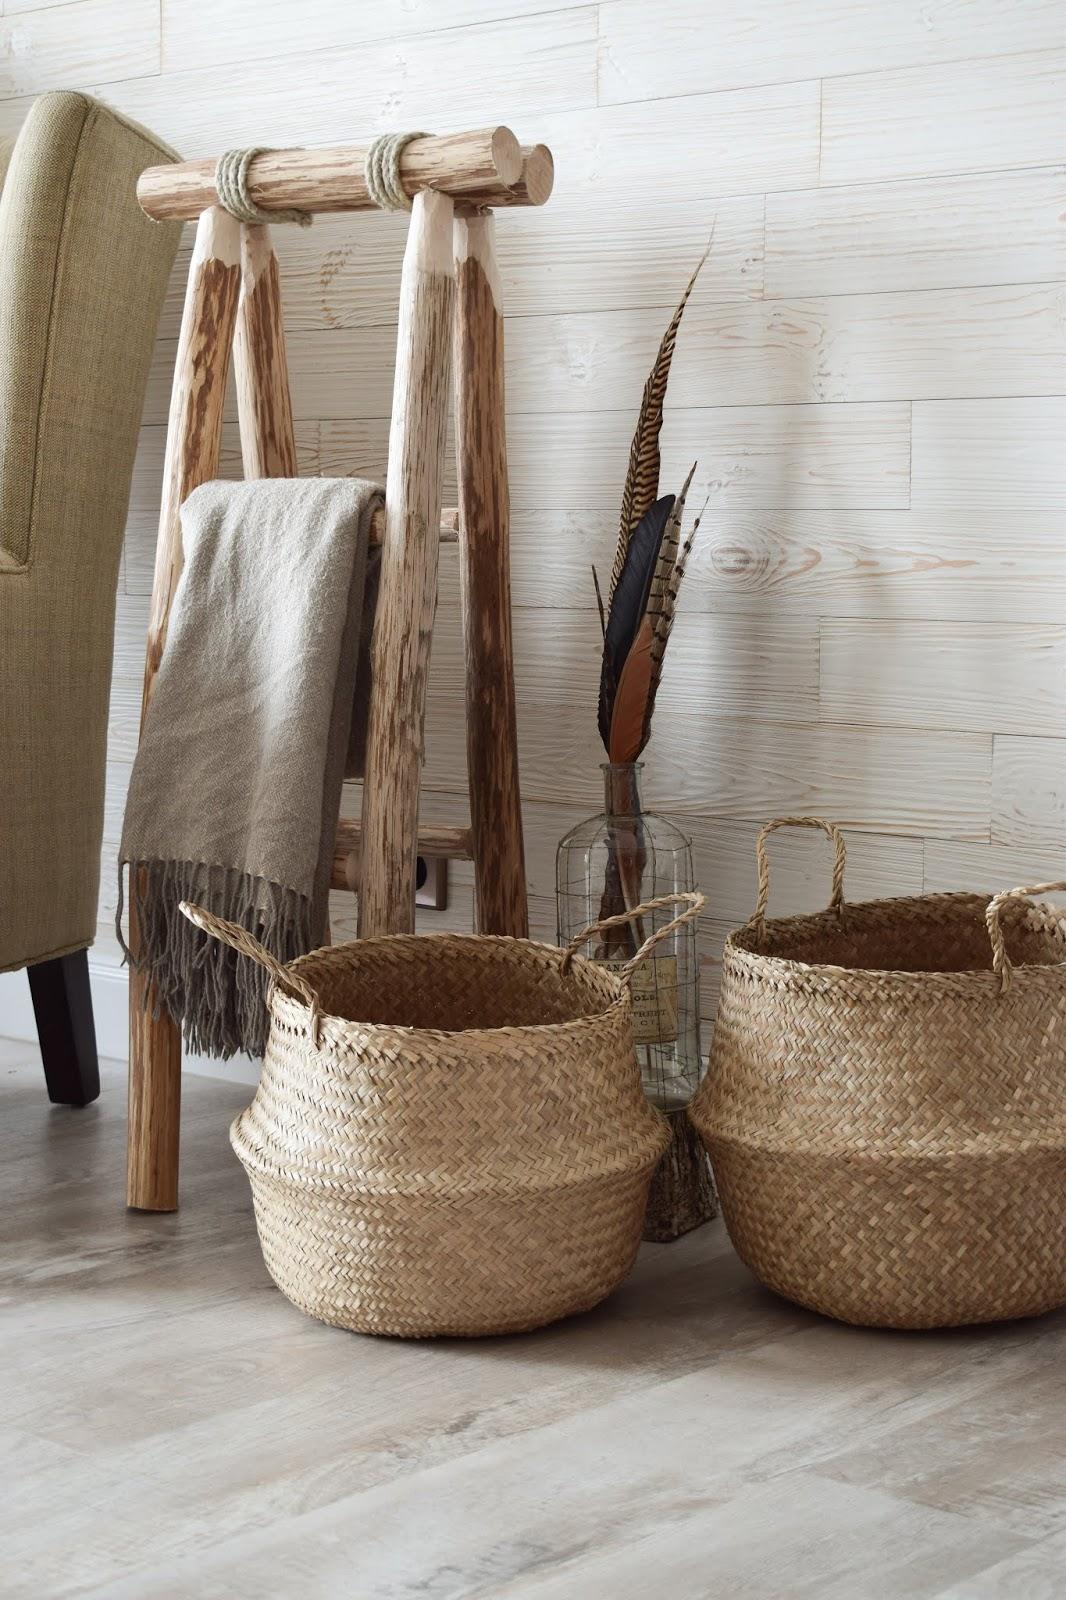 Holzleiter Deko Dekoidee Wohnzimmer Interior natürlich dekorieren Dekotipp Holzdeko Landhausdeko Landhausstil Landhaus Wandwood